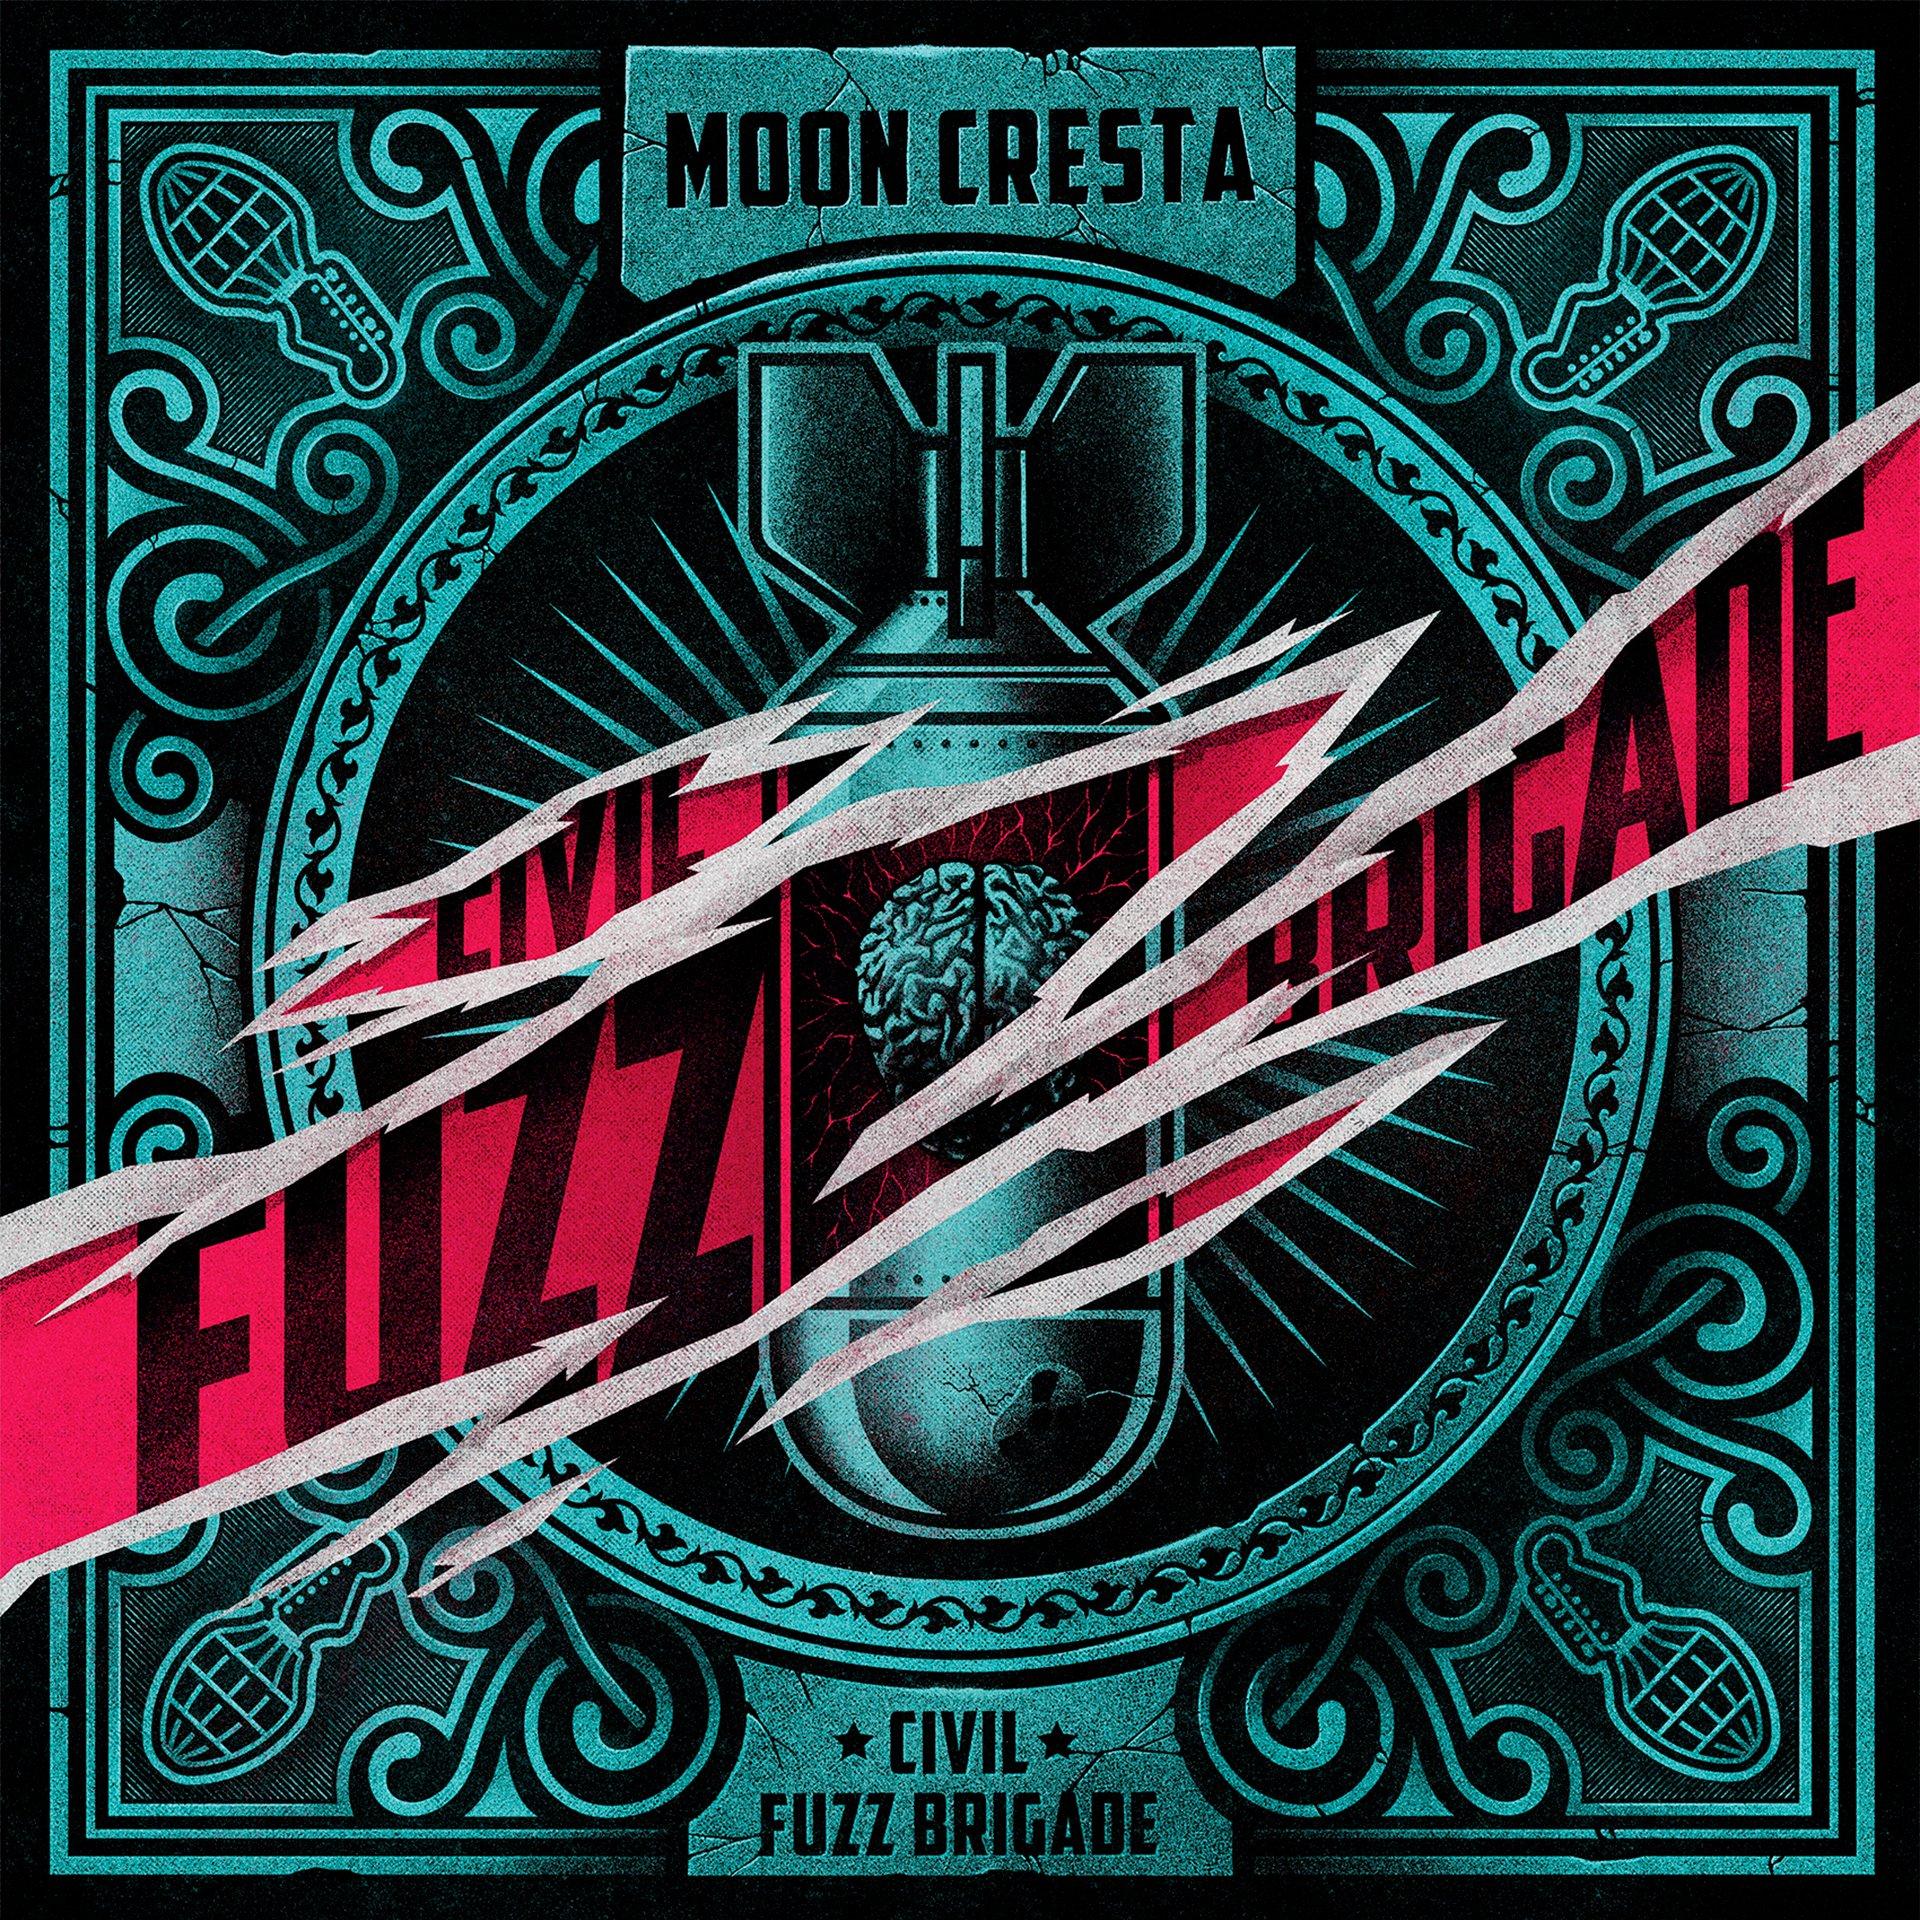 Portada disco Moon Cresta